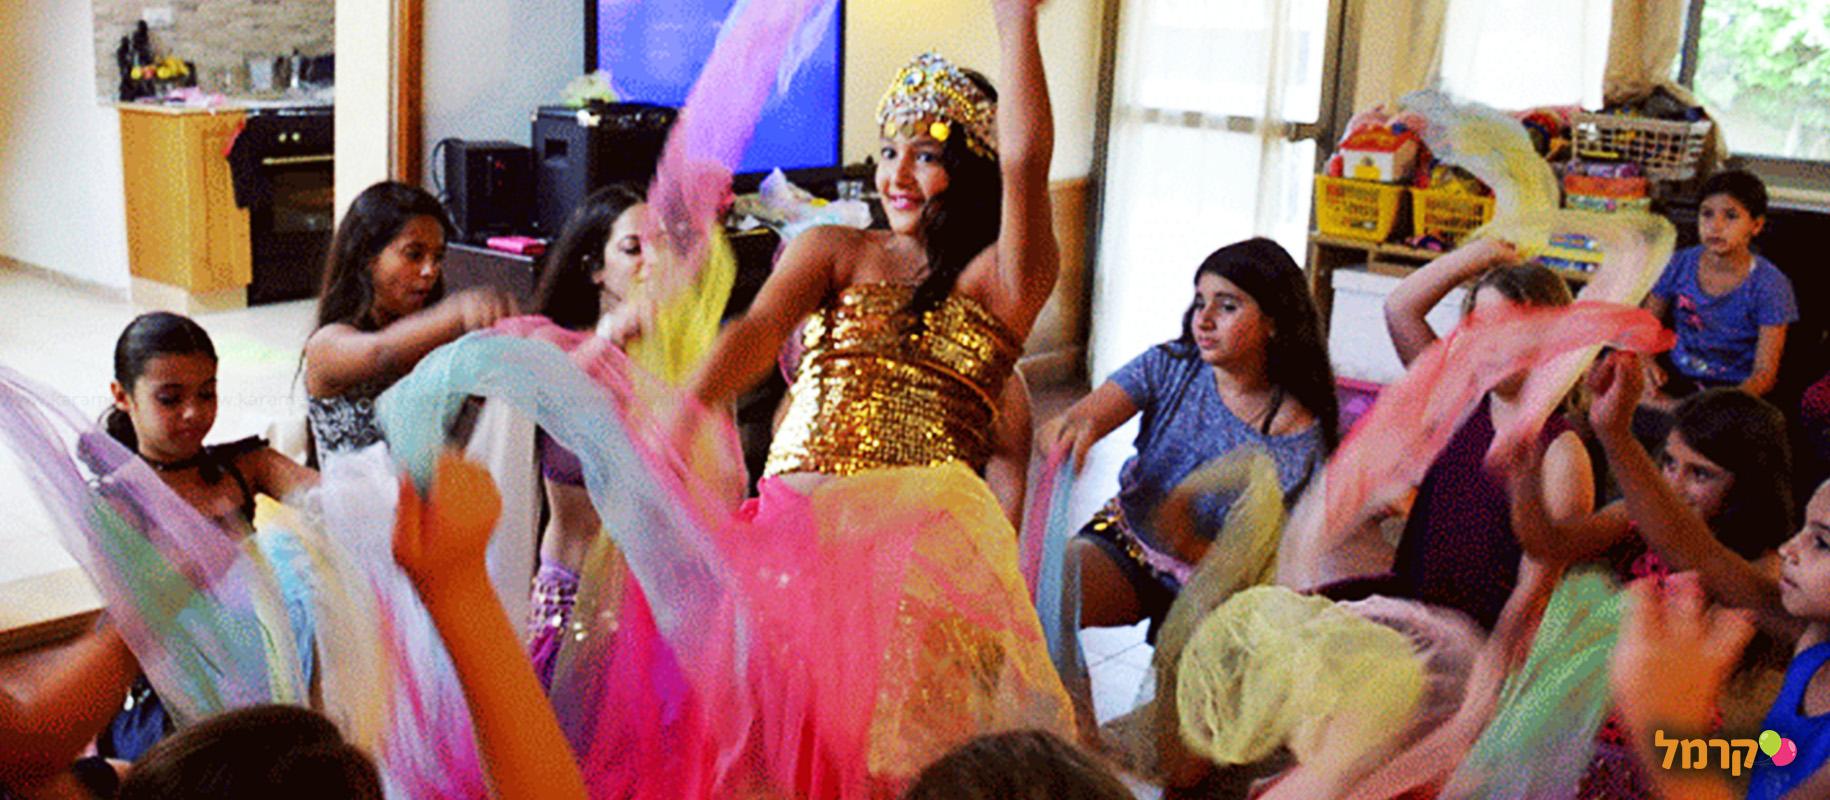 סטפניה נסיכת הקצב - 073-7581919